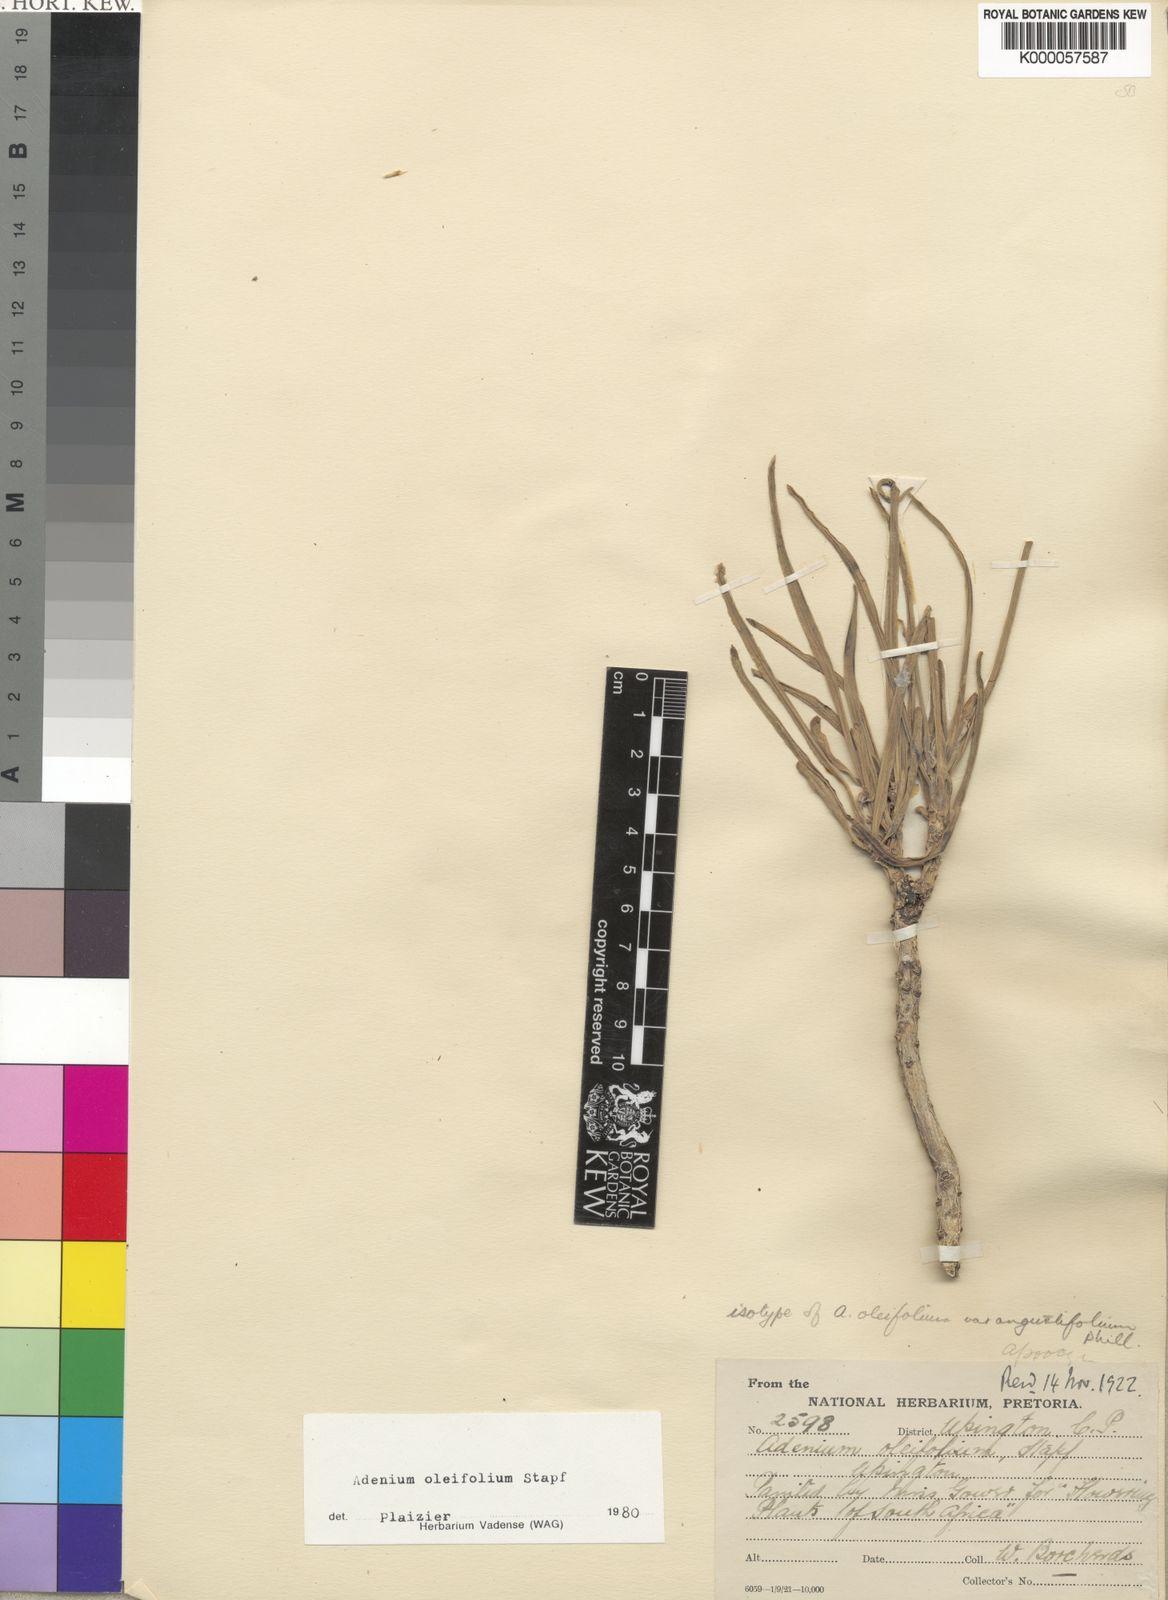 Adenium Oleifolium Stapf